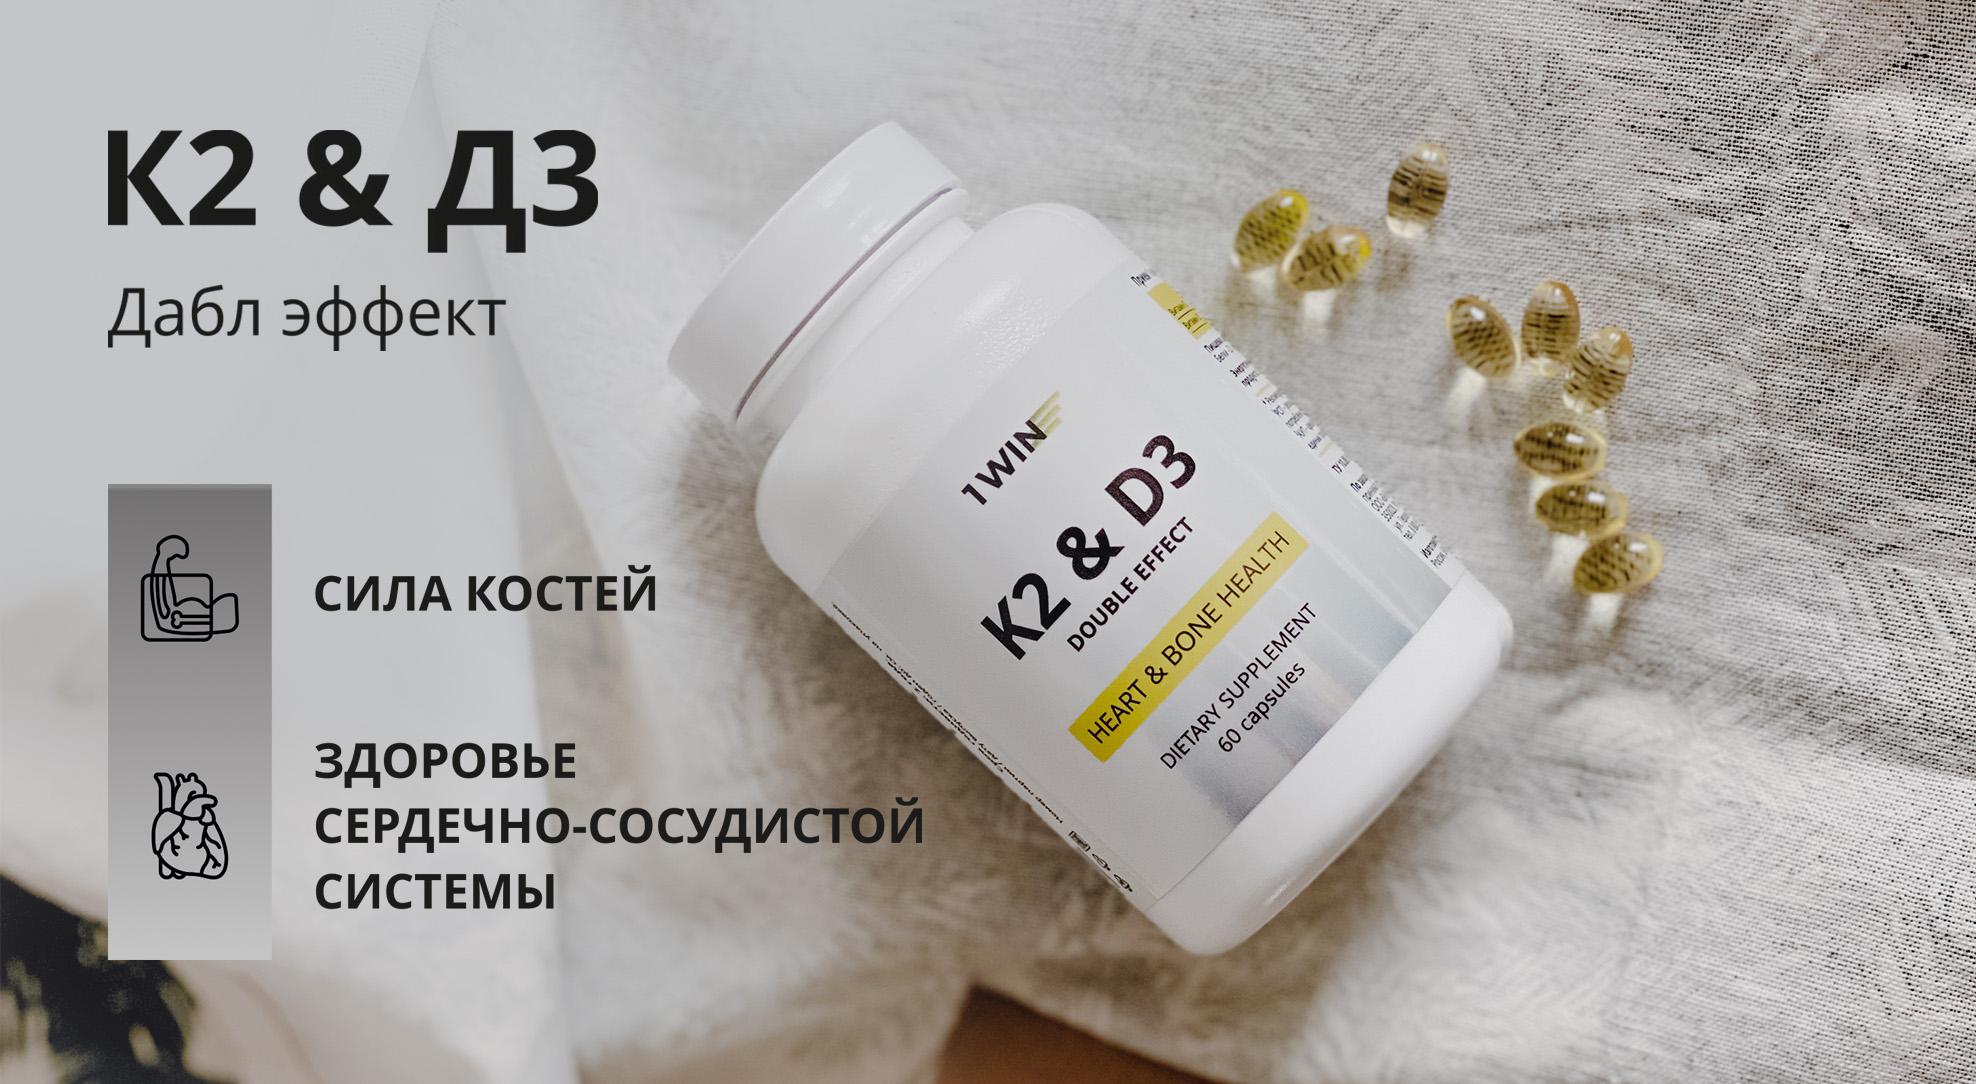 K2&D3 Двойная польза: укрепляем костную ткань и сердечную мышцу